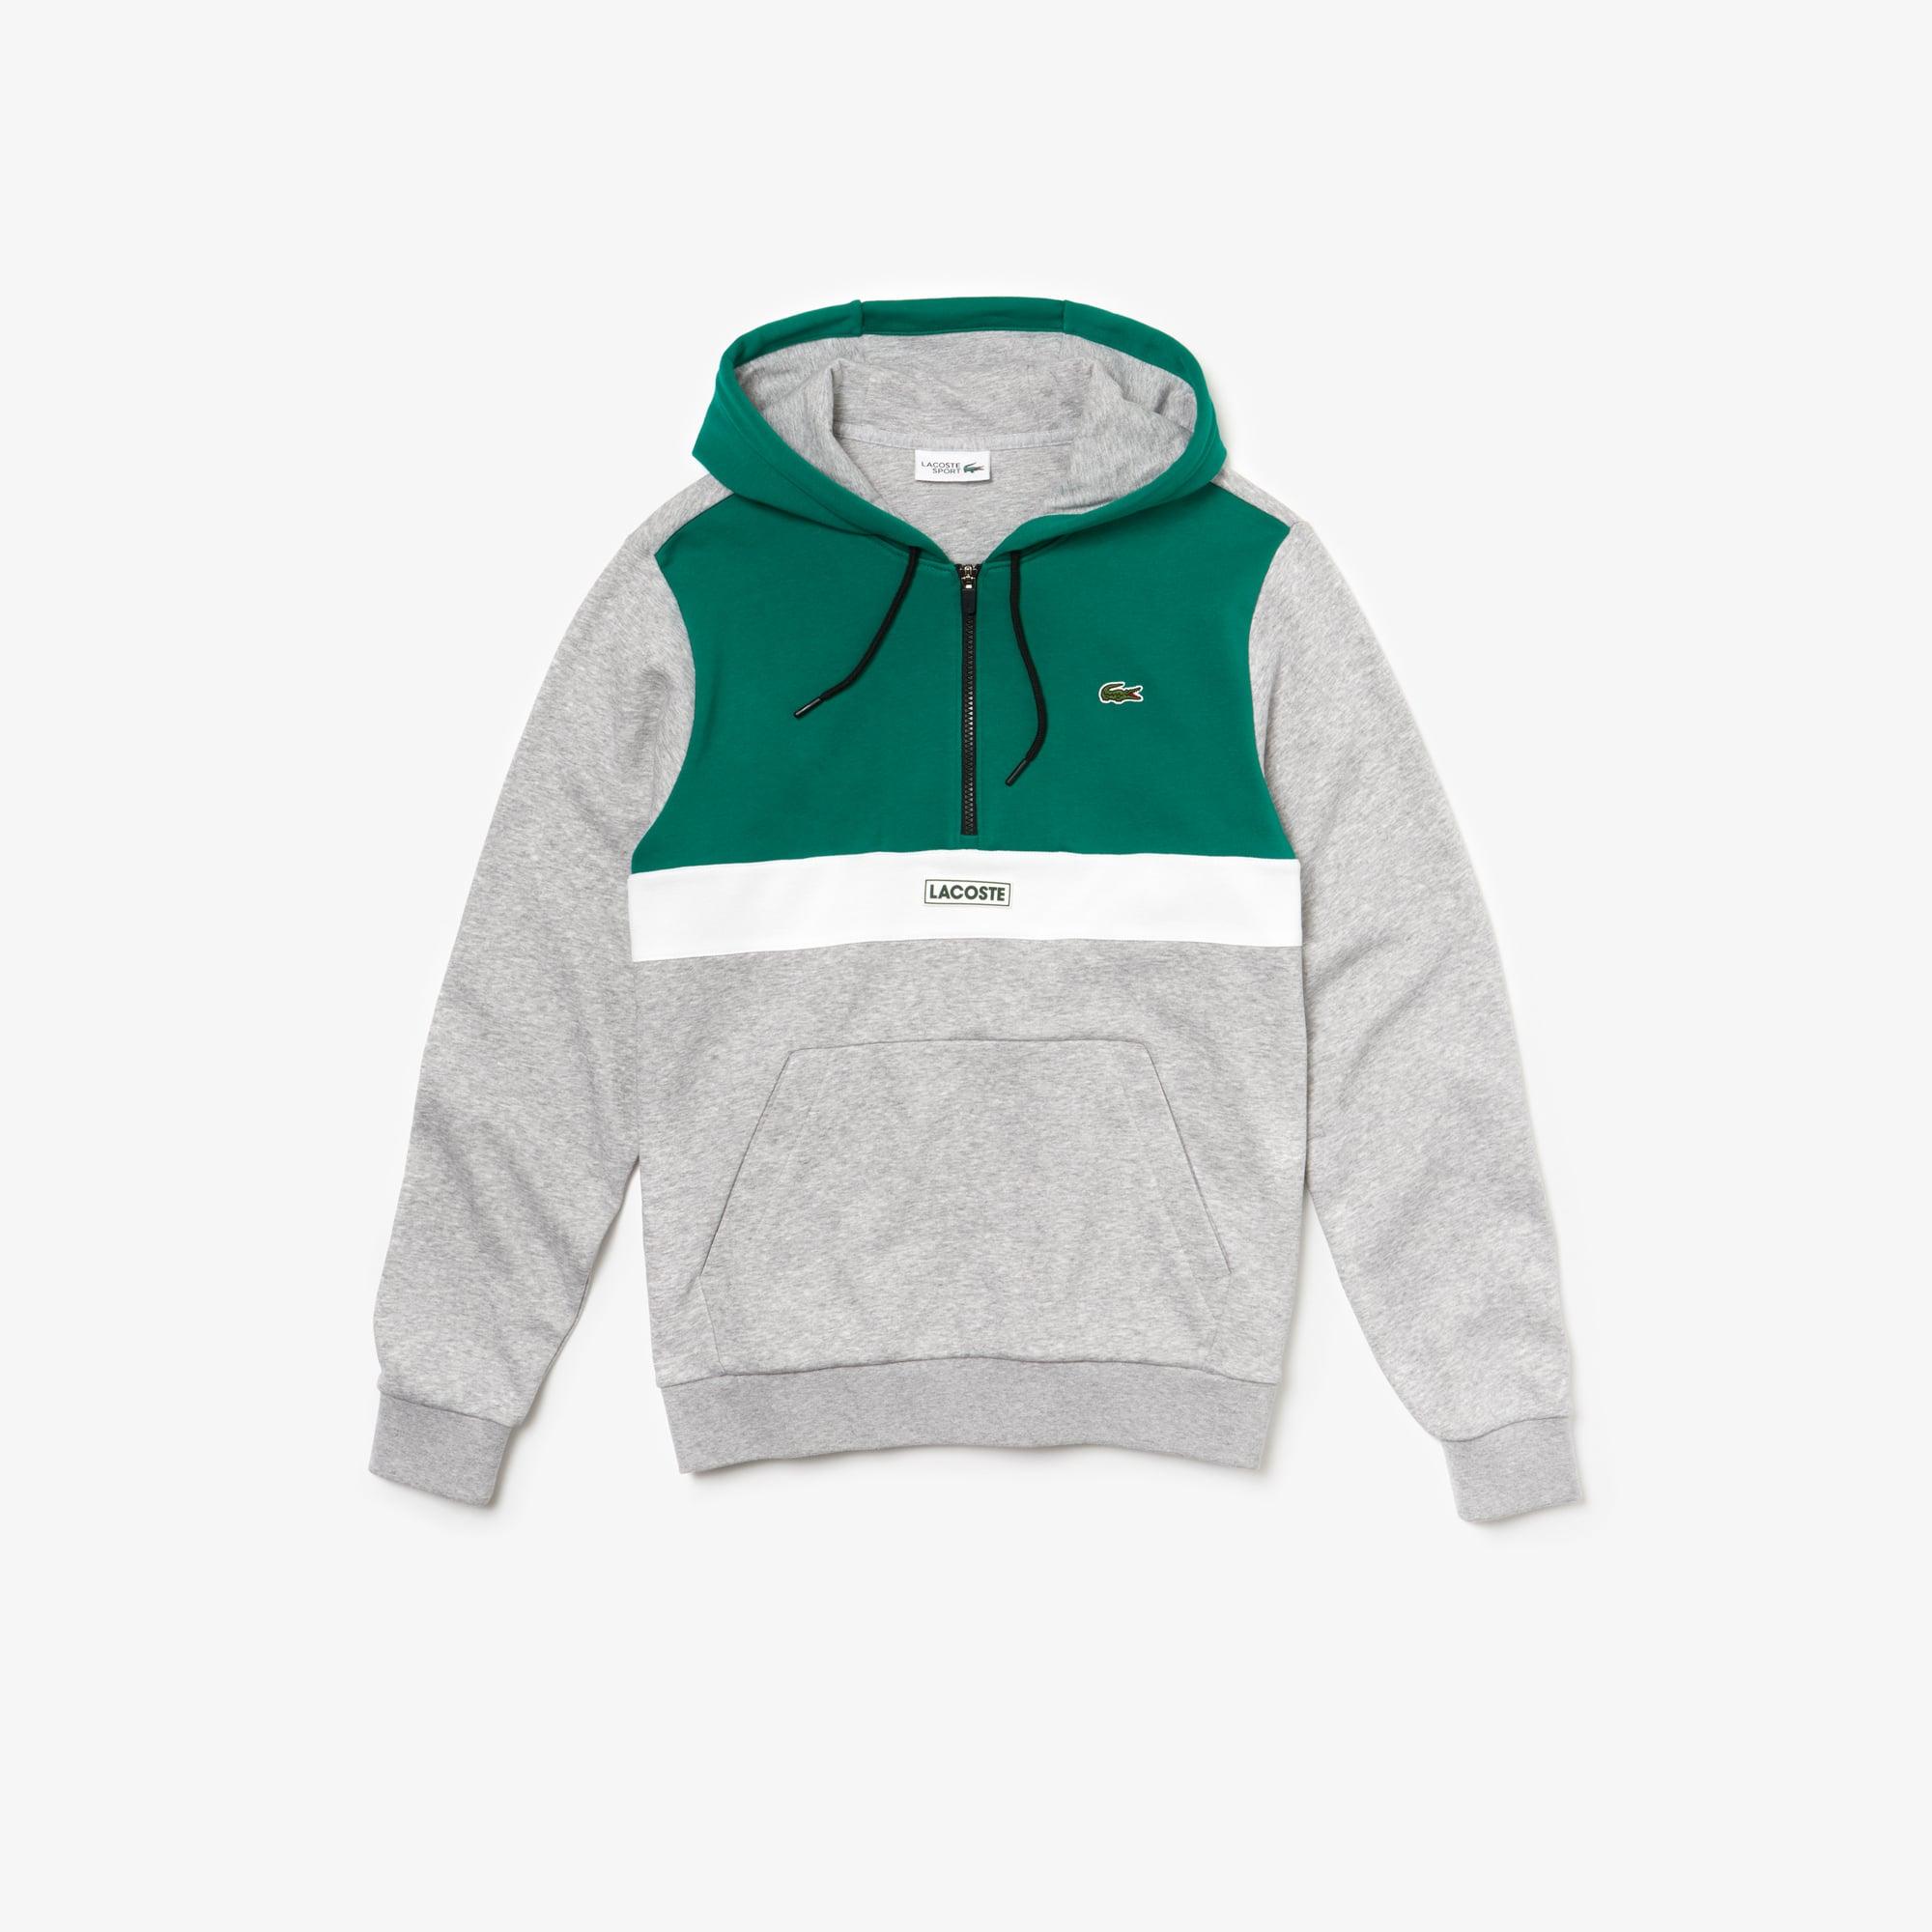 Men's SPORT Hooded Fleece Sweatshirt